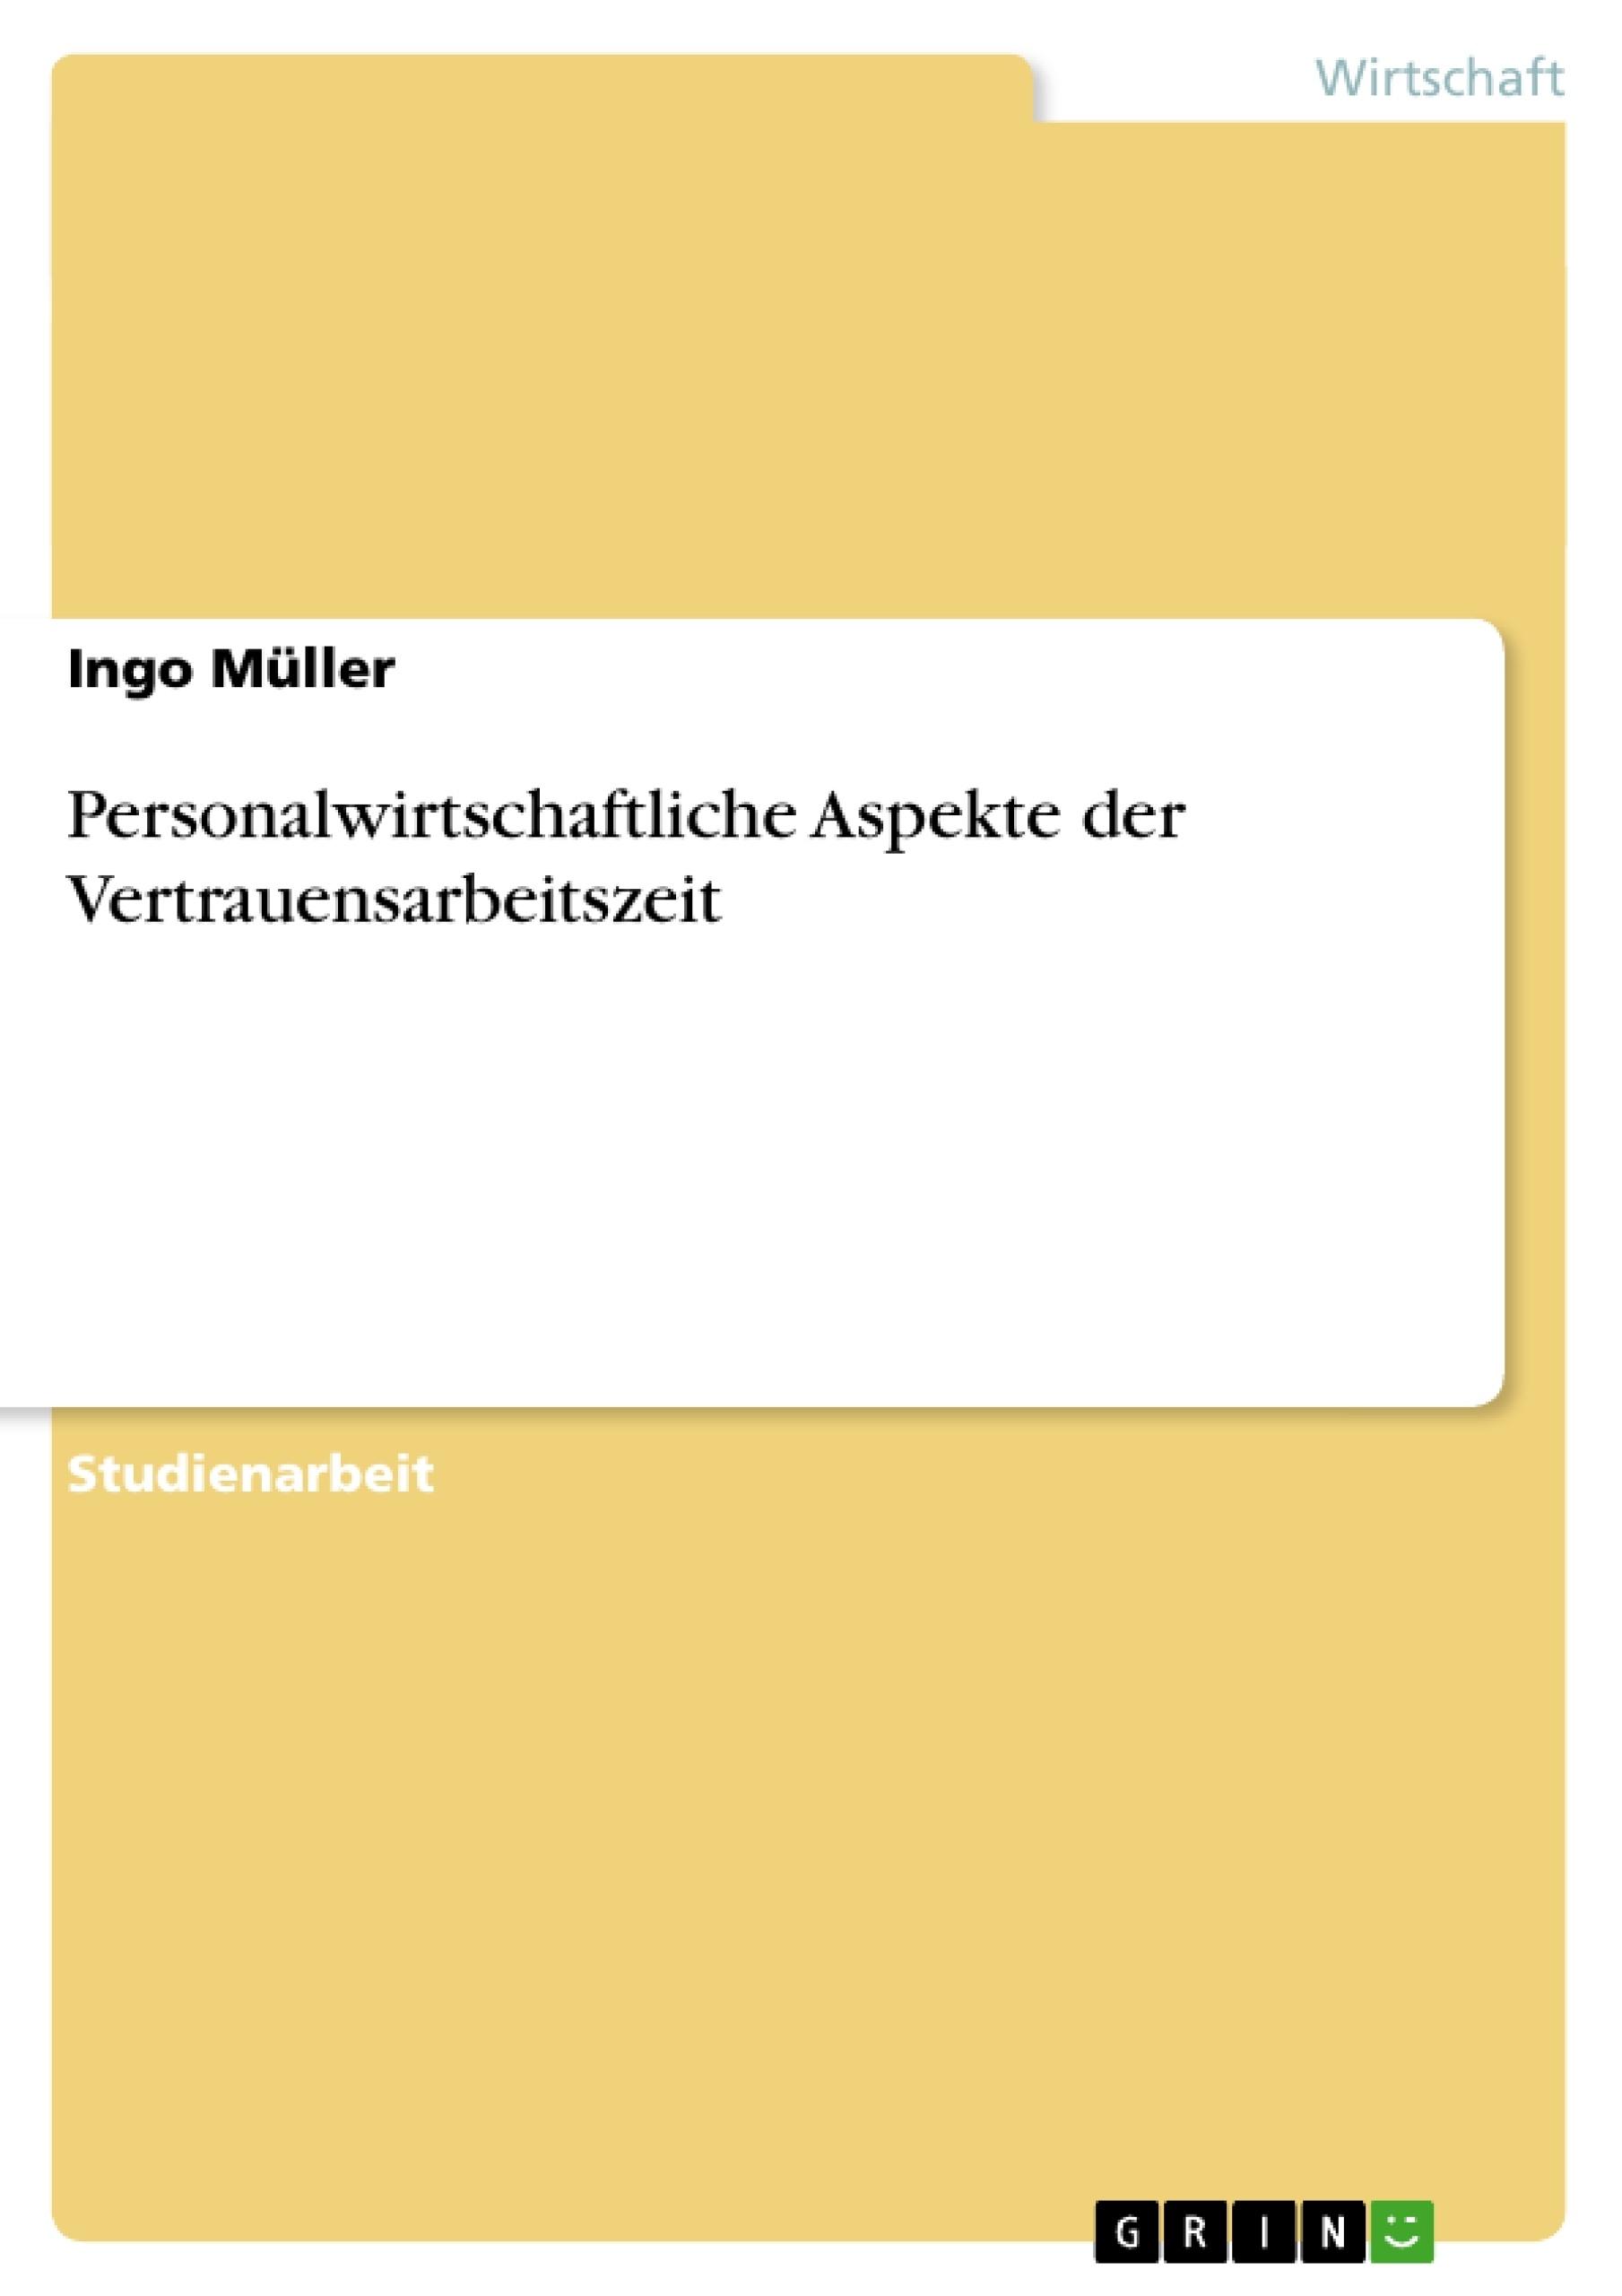 Titel: Personalwirtschaftliche Aspekte der Vertrauensarbeitszeit